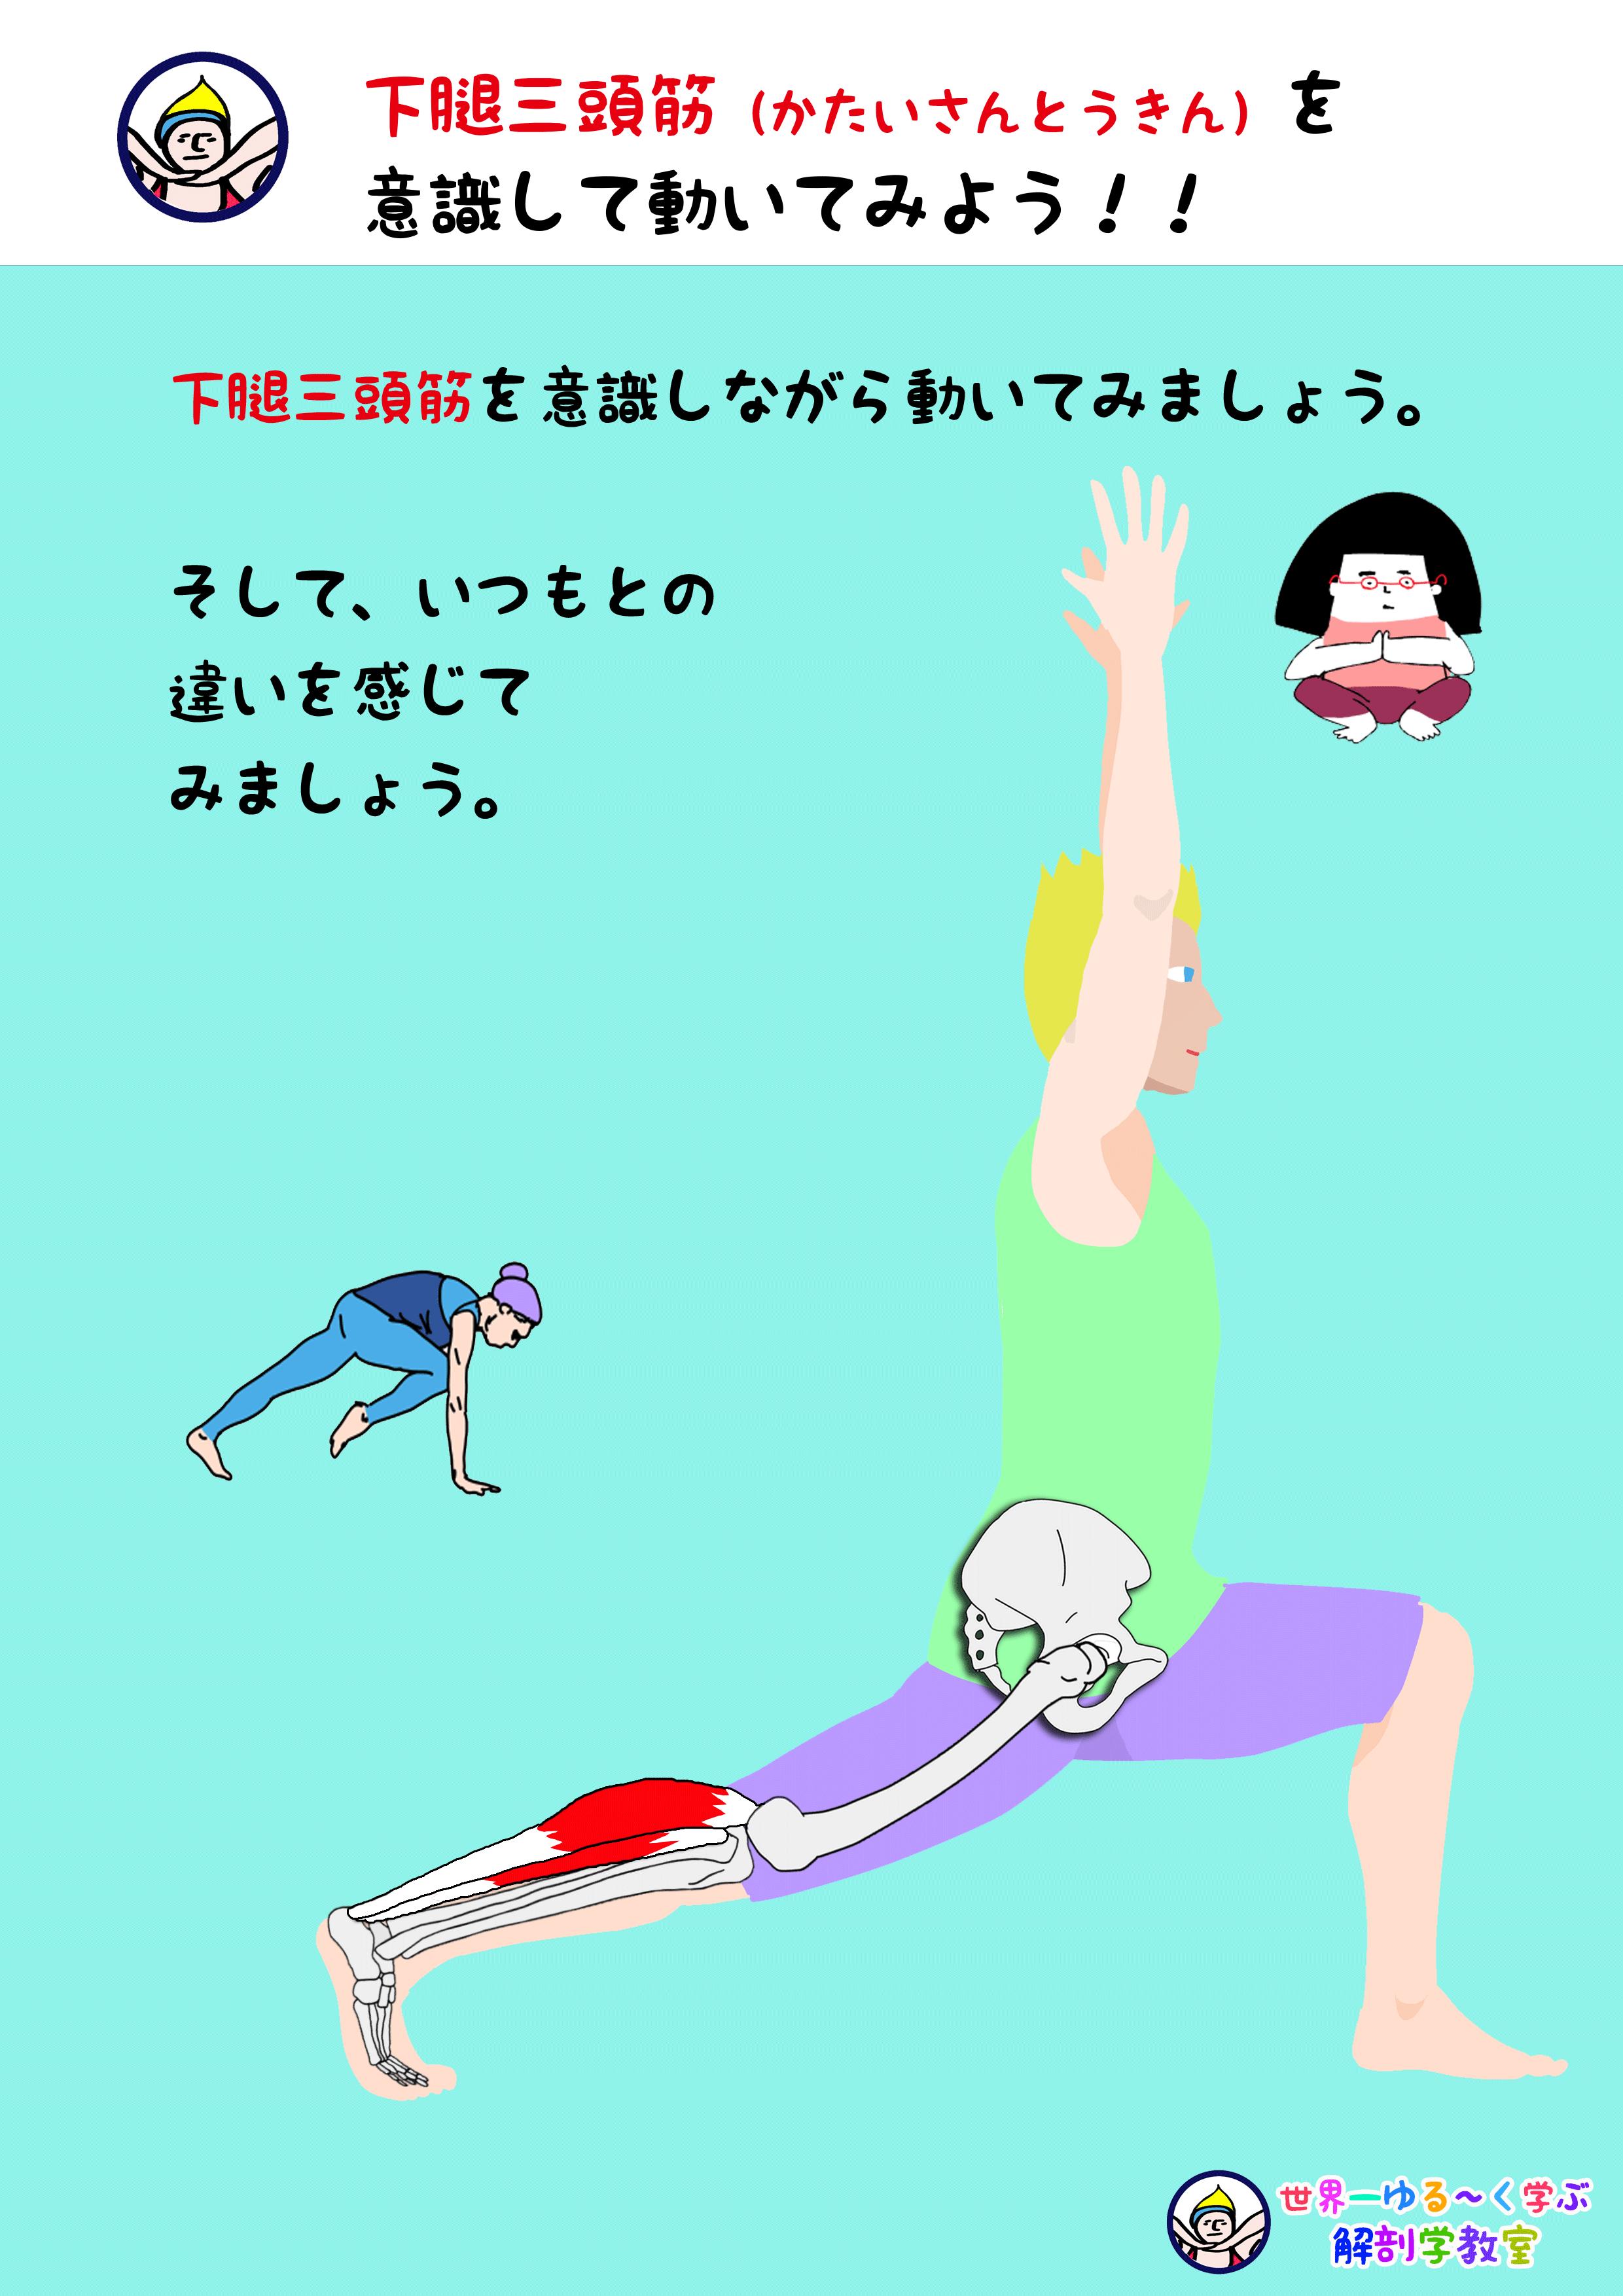 下腿三頭筋を意識する